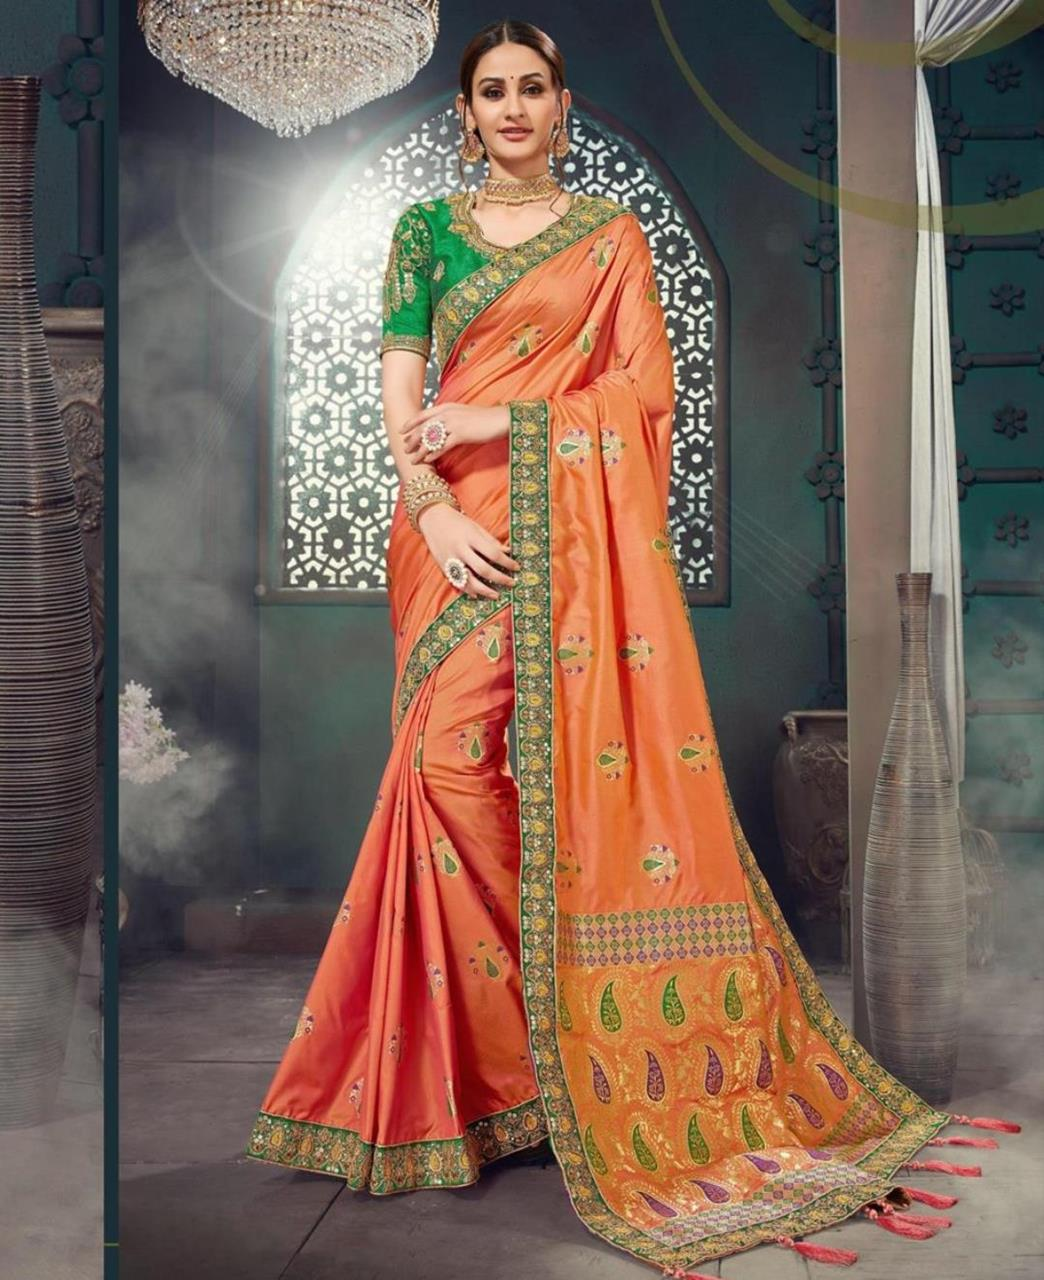 Embroidered Jacquard Saree (Sari) in Orange